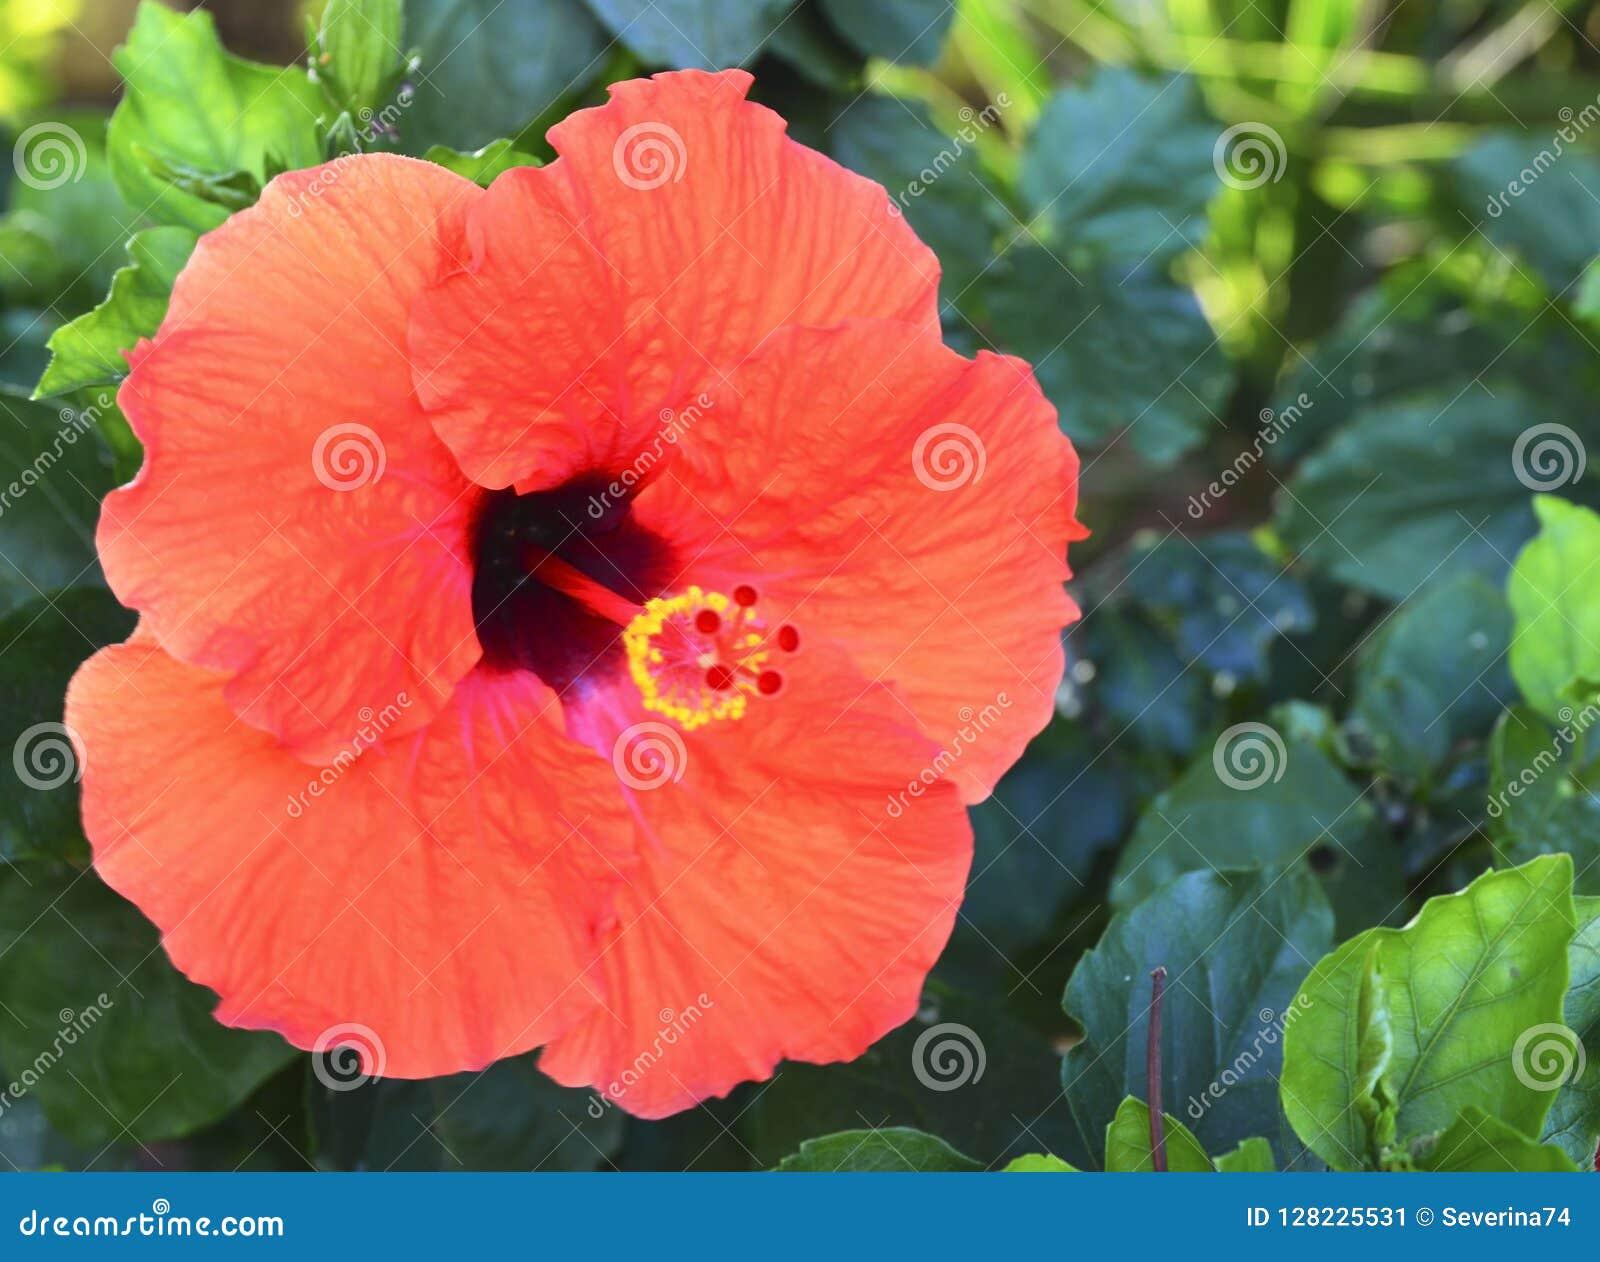 Schöne rote Hibiscusblumen China stiegen, Gudhal, Chaba, Schuhblume im Garten von Teneriffa, Kanarische Inseln, Spanien